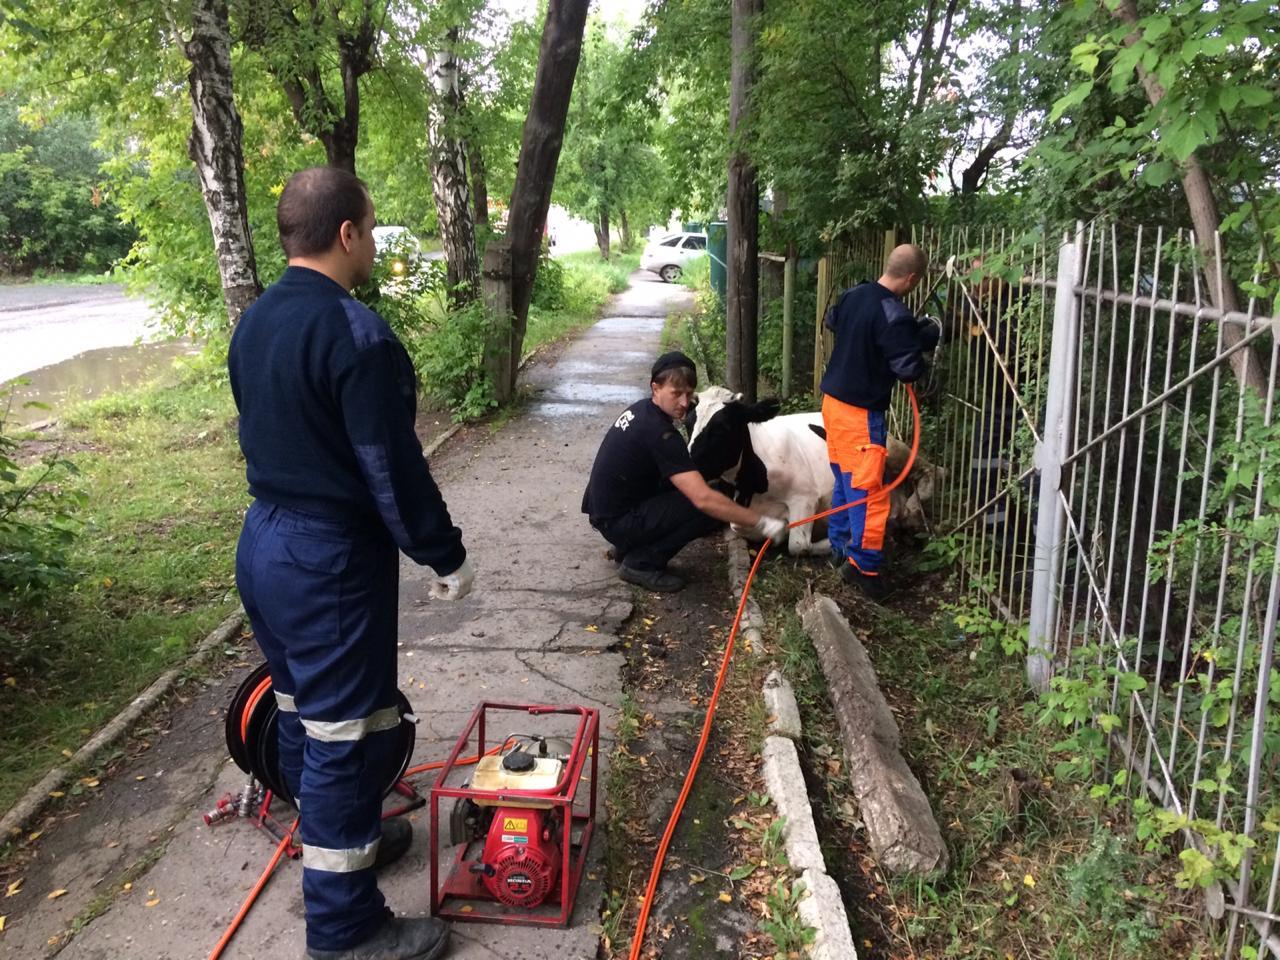 В Башкирии спасатели помогли застрявшей в заборе корове